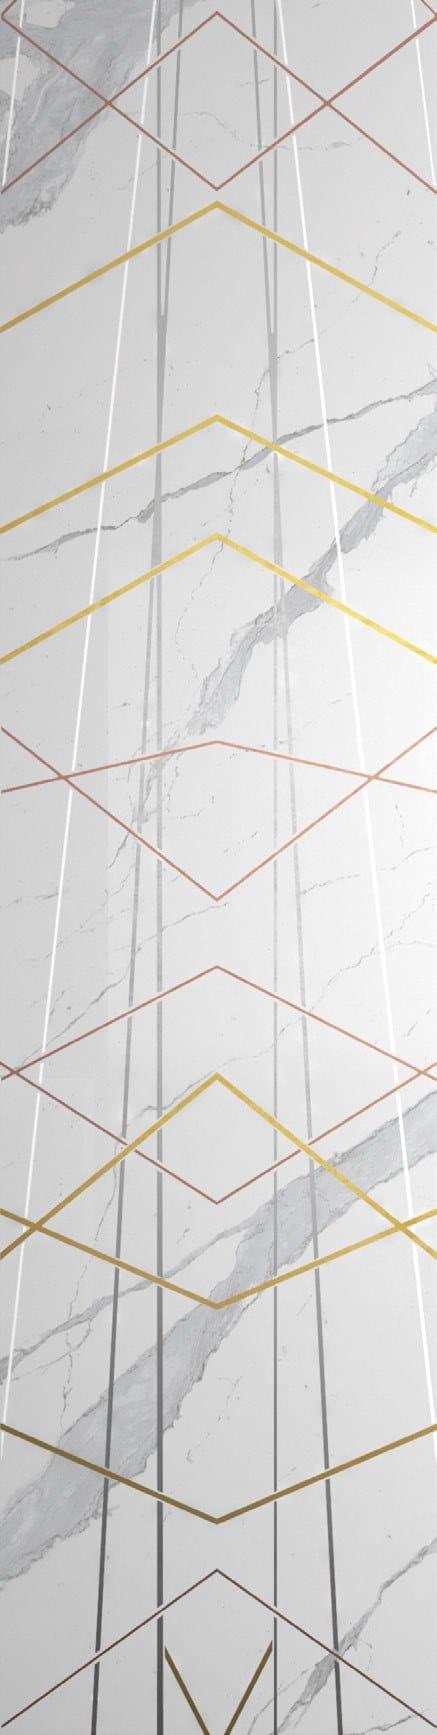 Statuario White Polished Diamond Decor